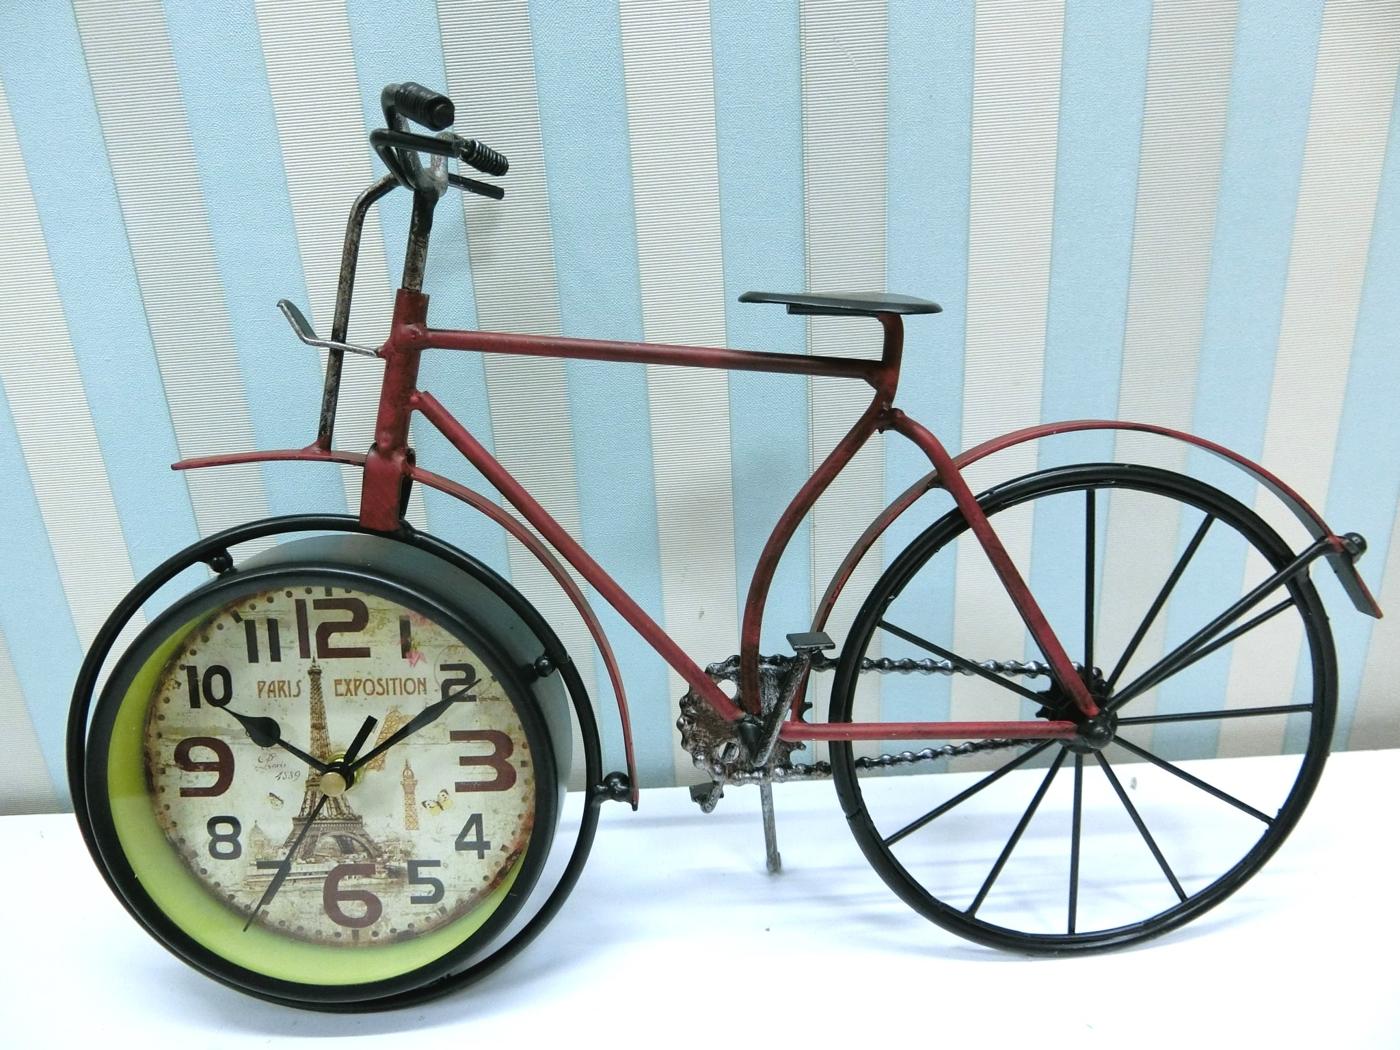 鐵製自行車桌鐘FCA8-2鐵製造型桌鐘美式鄉村時鐘復古桌鐘仿舊裝飾鐘工業風絢寓居家